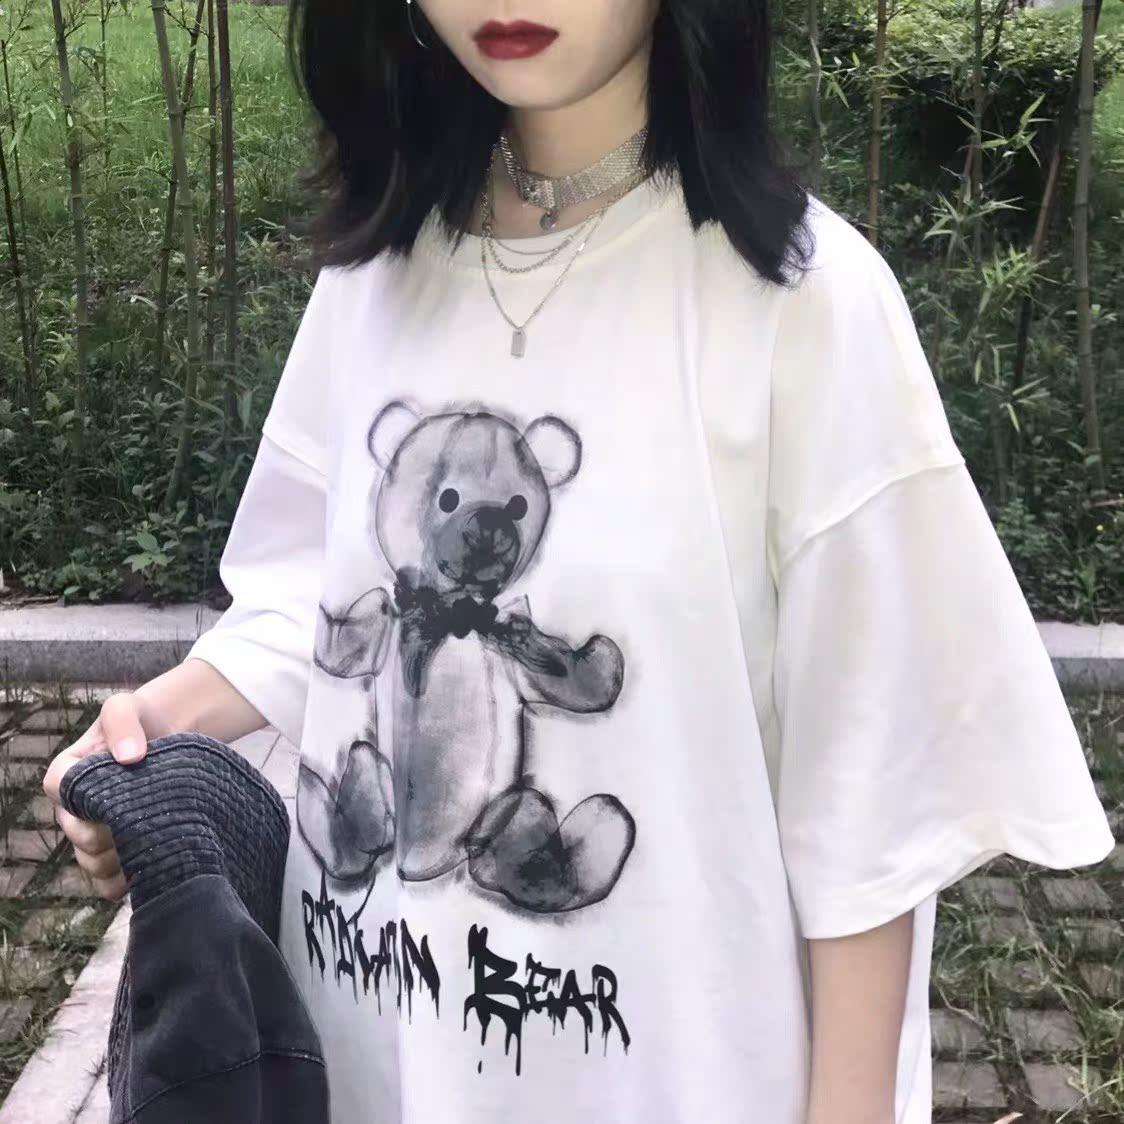 水墨小熊短袖黑白卡通印花T恤嘻哈宽松潮牌男女情侣装ins网红同款